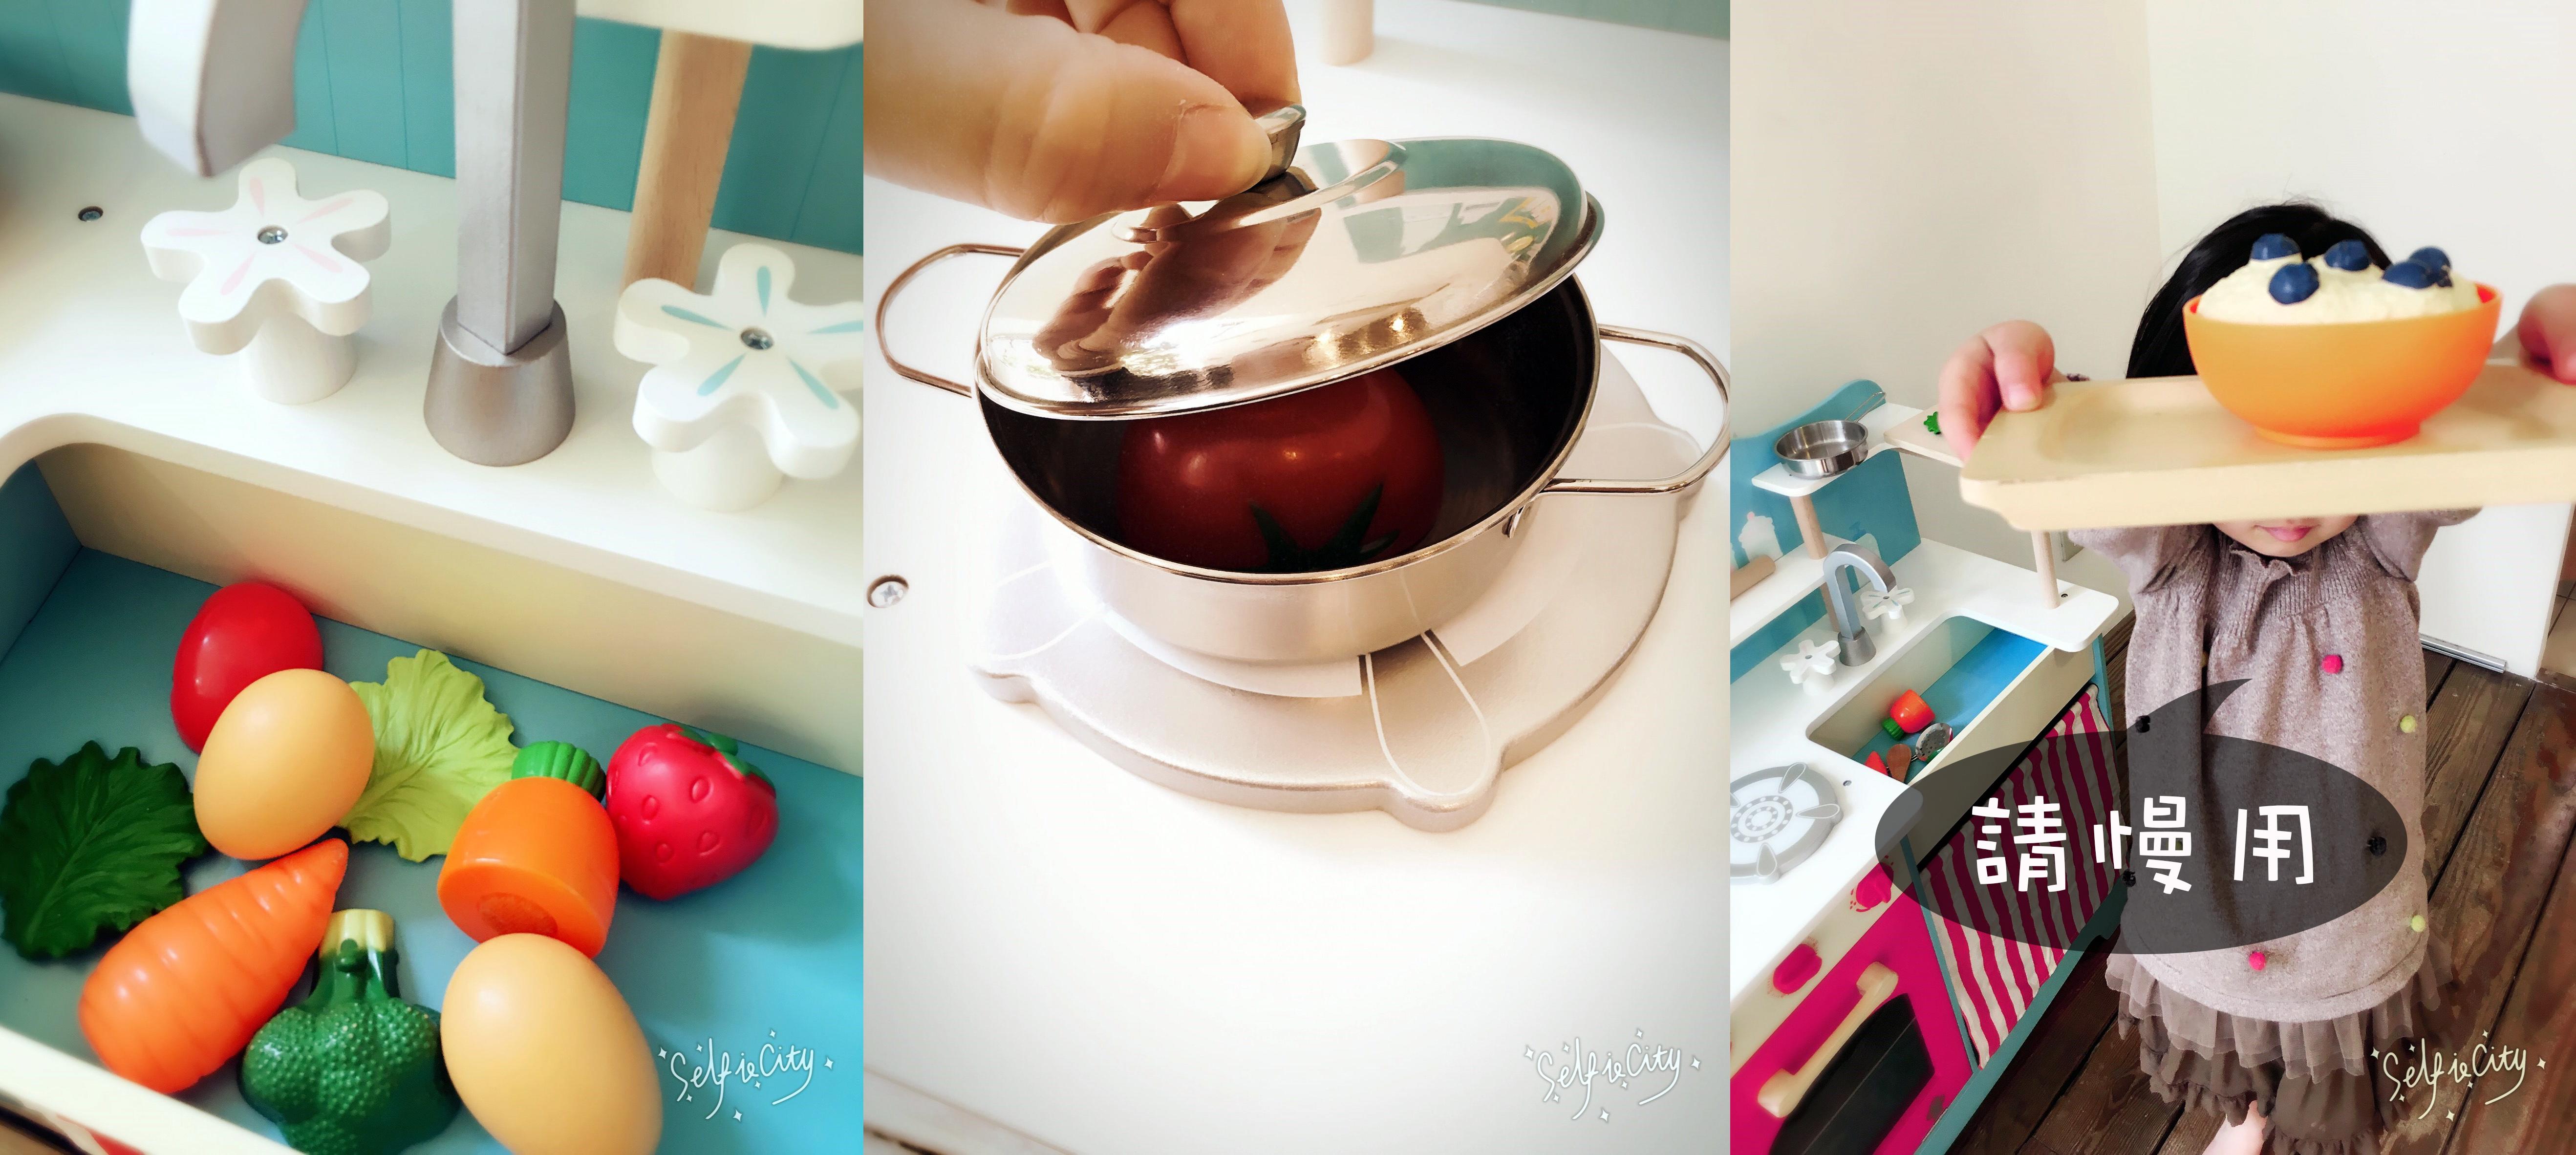 廚房_09